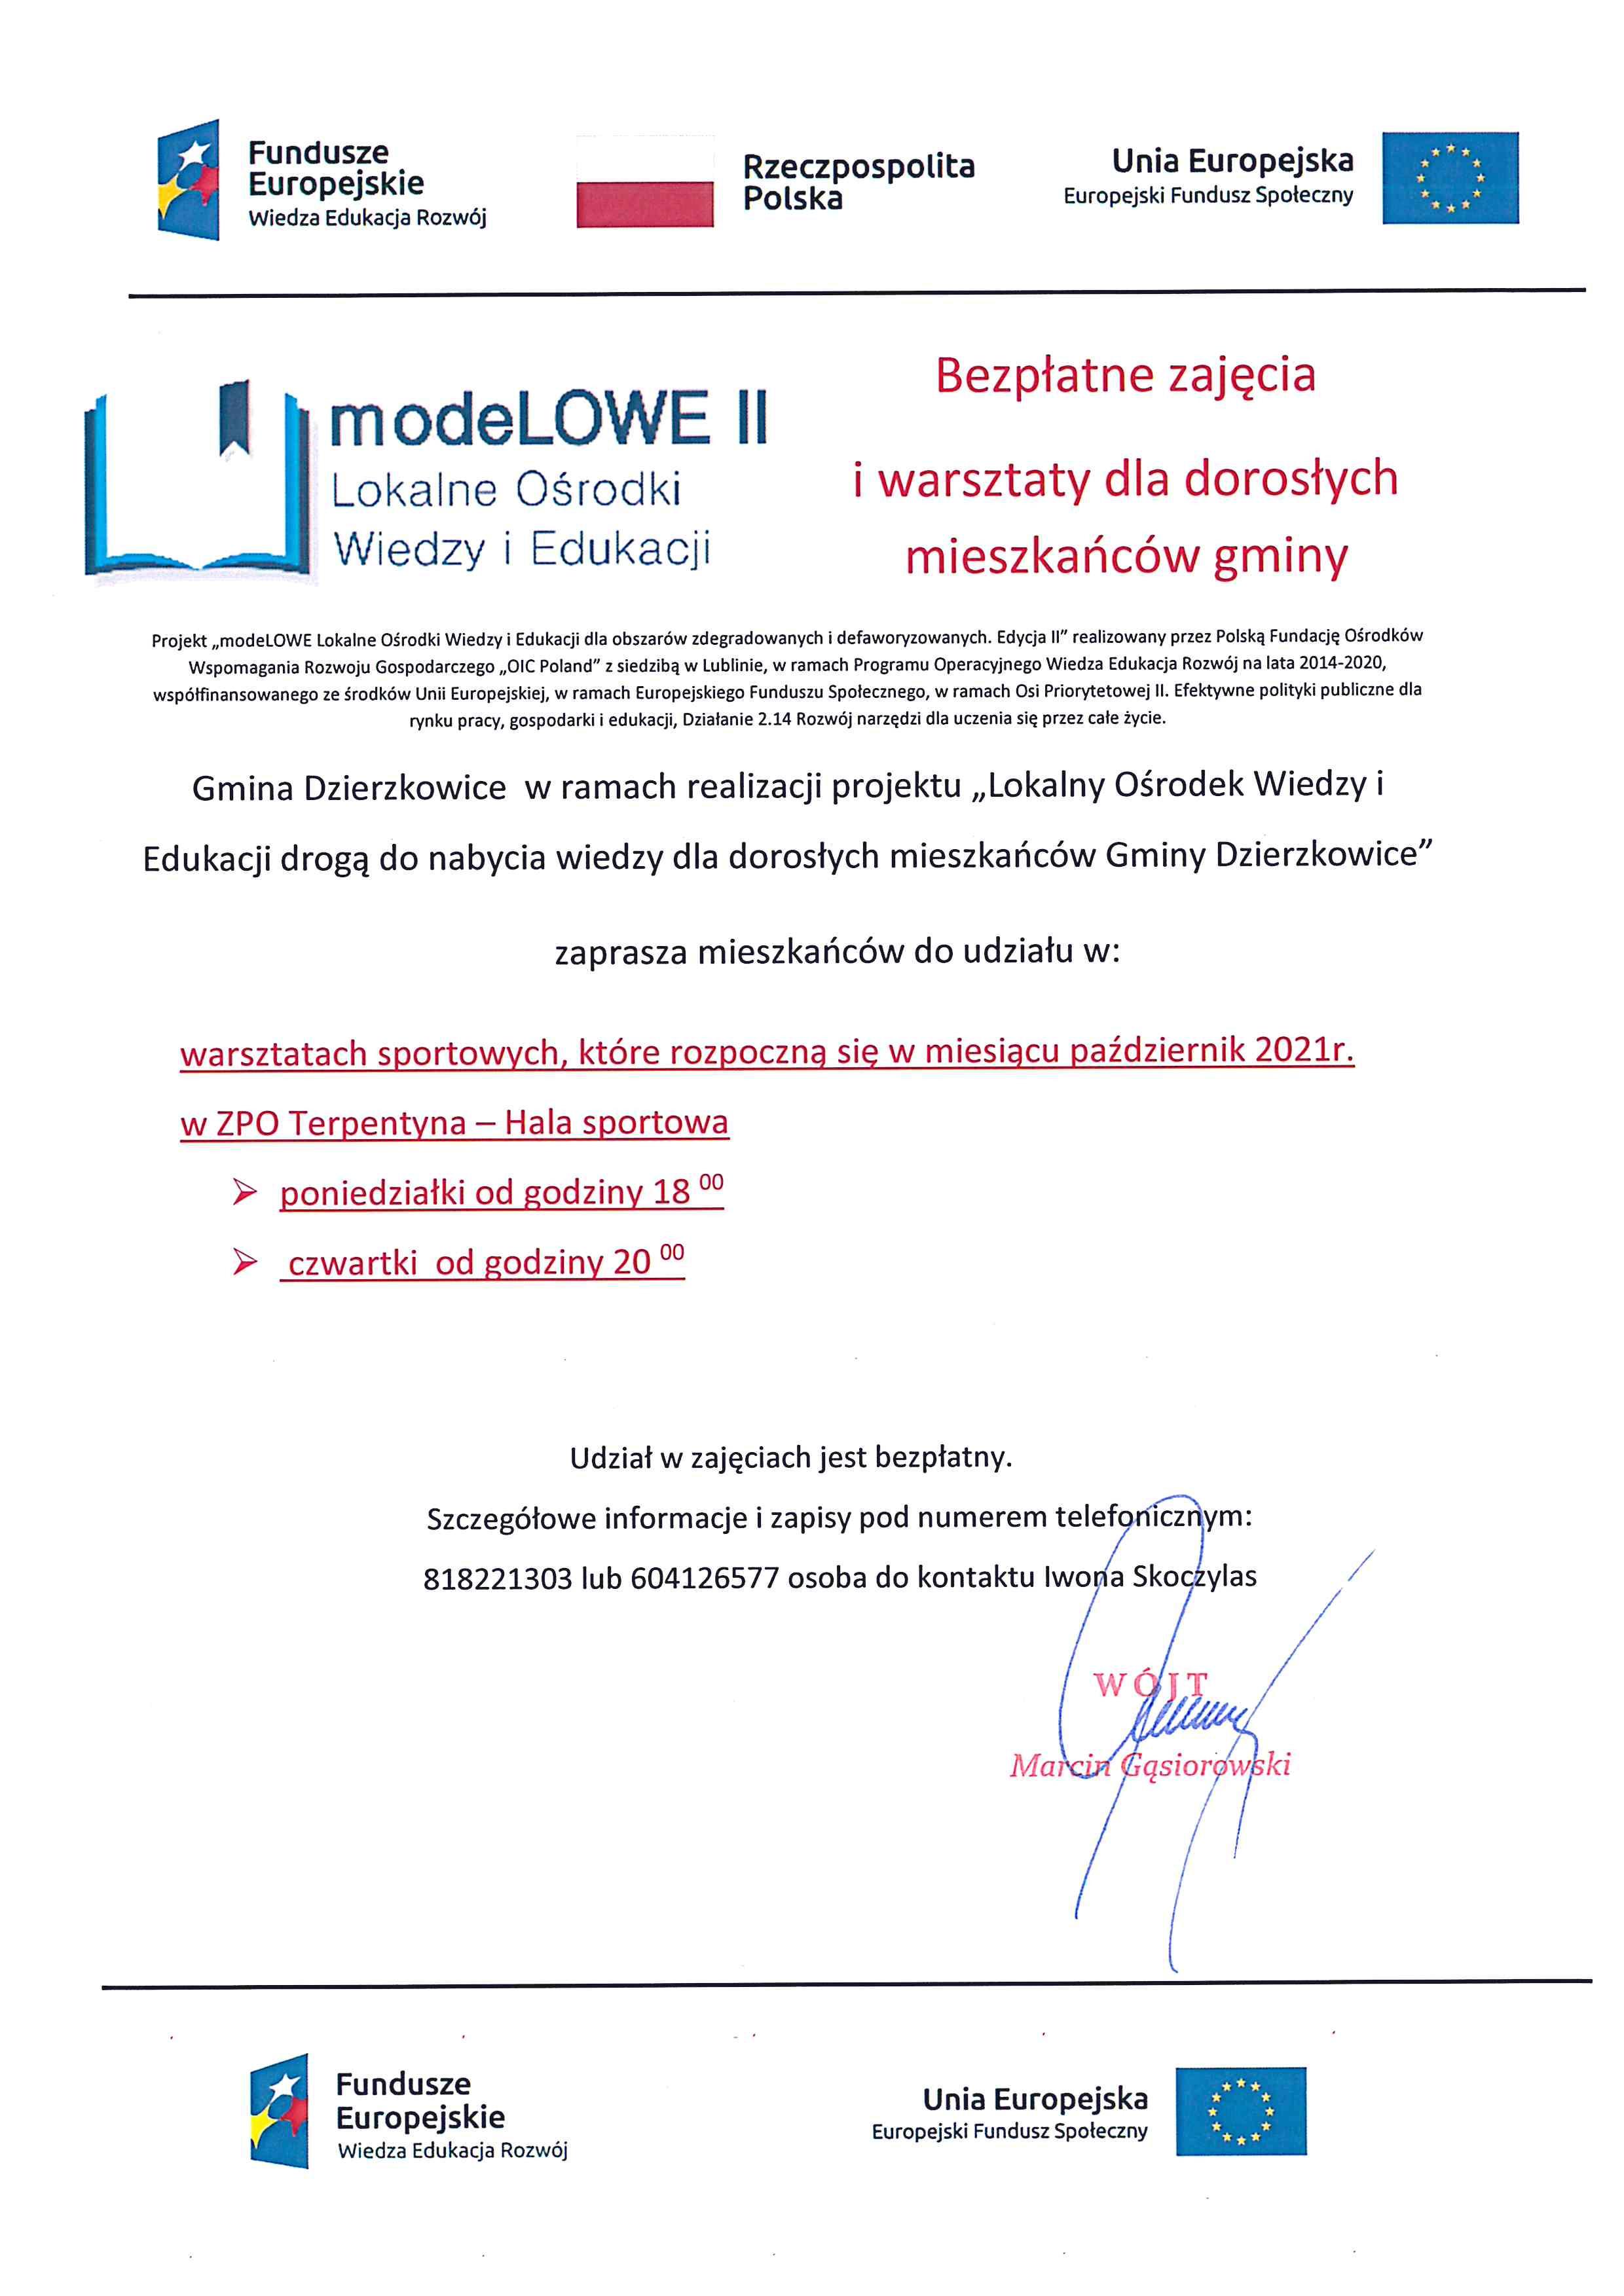 modeLOWE II zaprasza mieszkańców Gminy Dzierzkowice do udziału w warsztatach